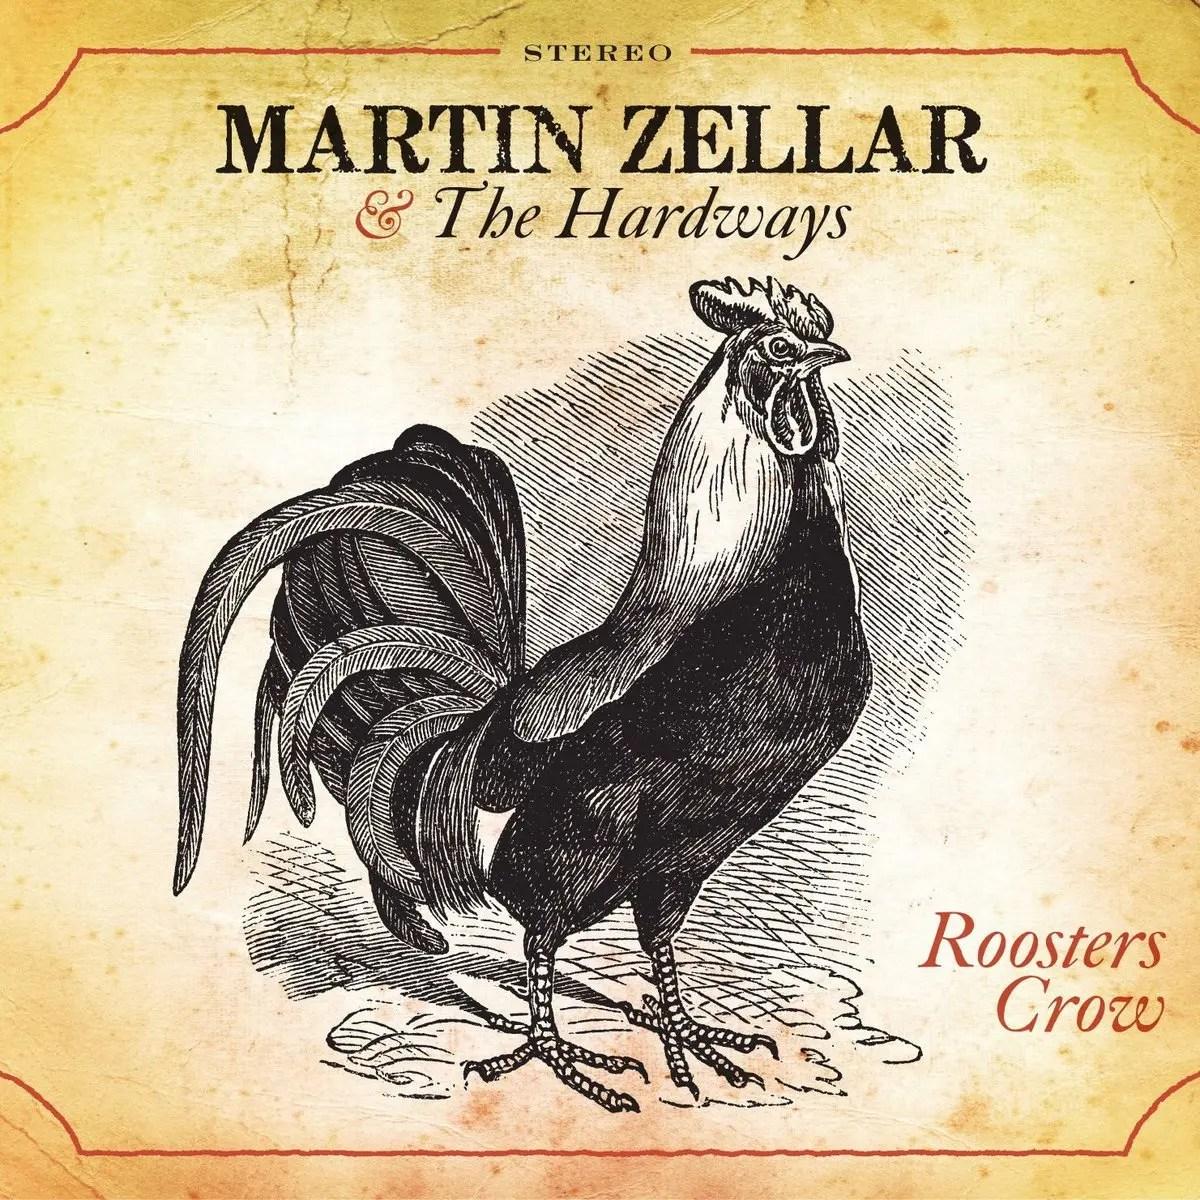 Martin Zellar – Roosters Crow Album Art